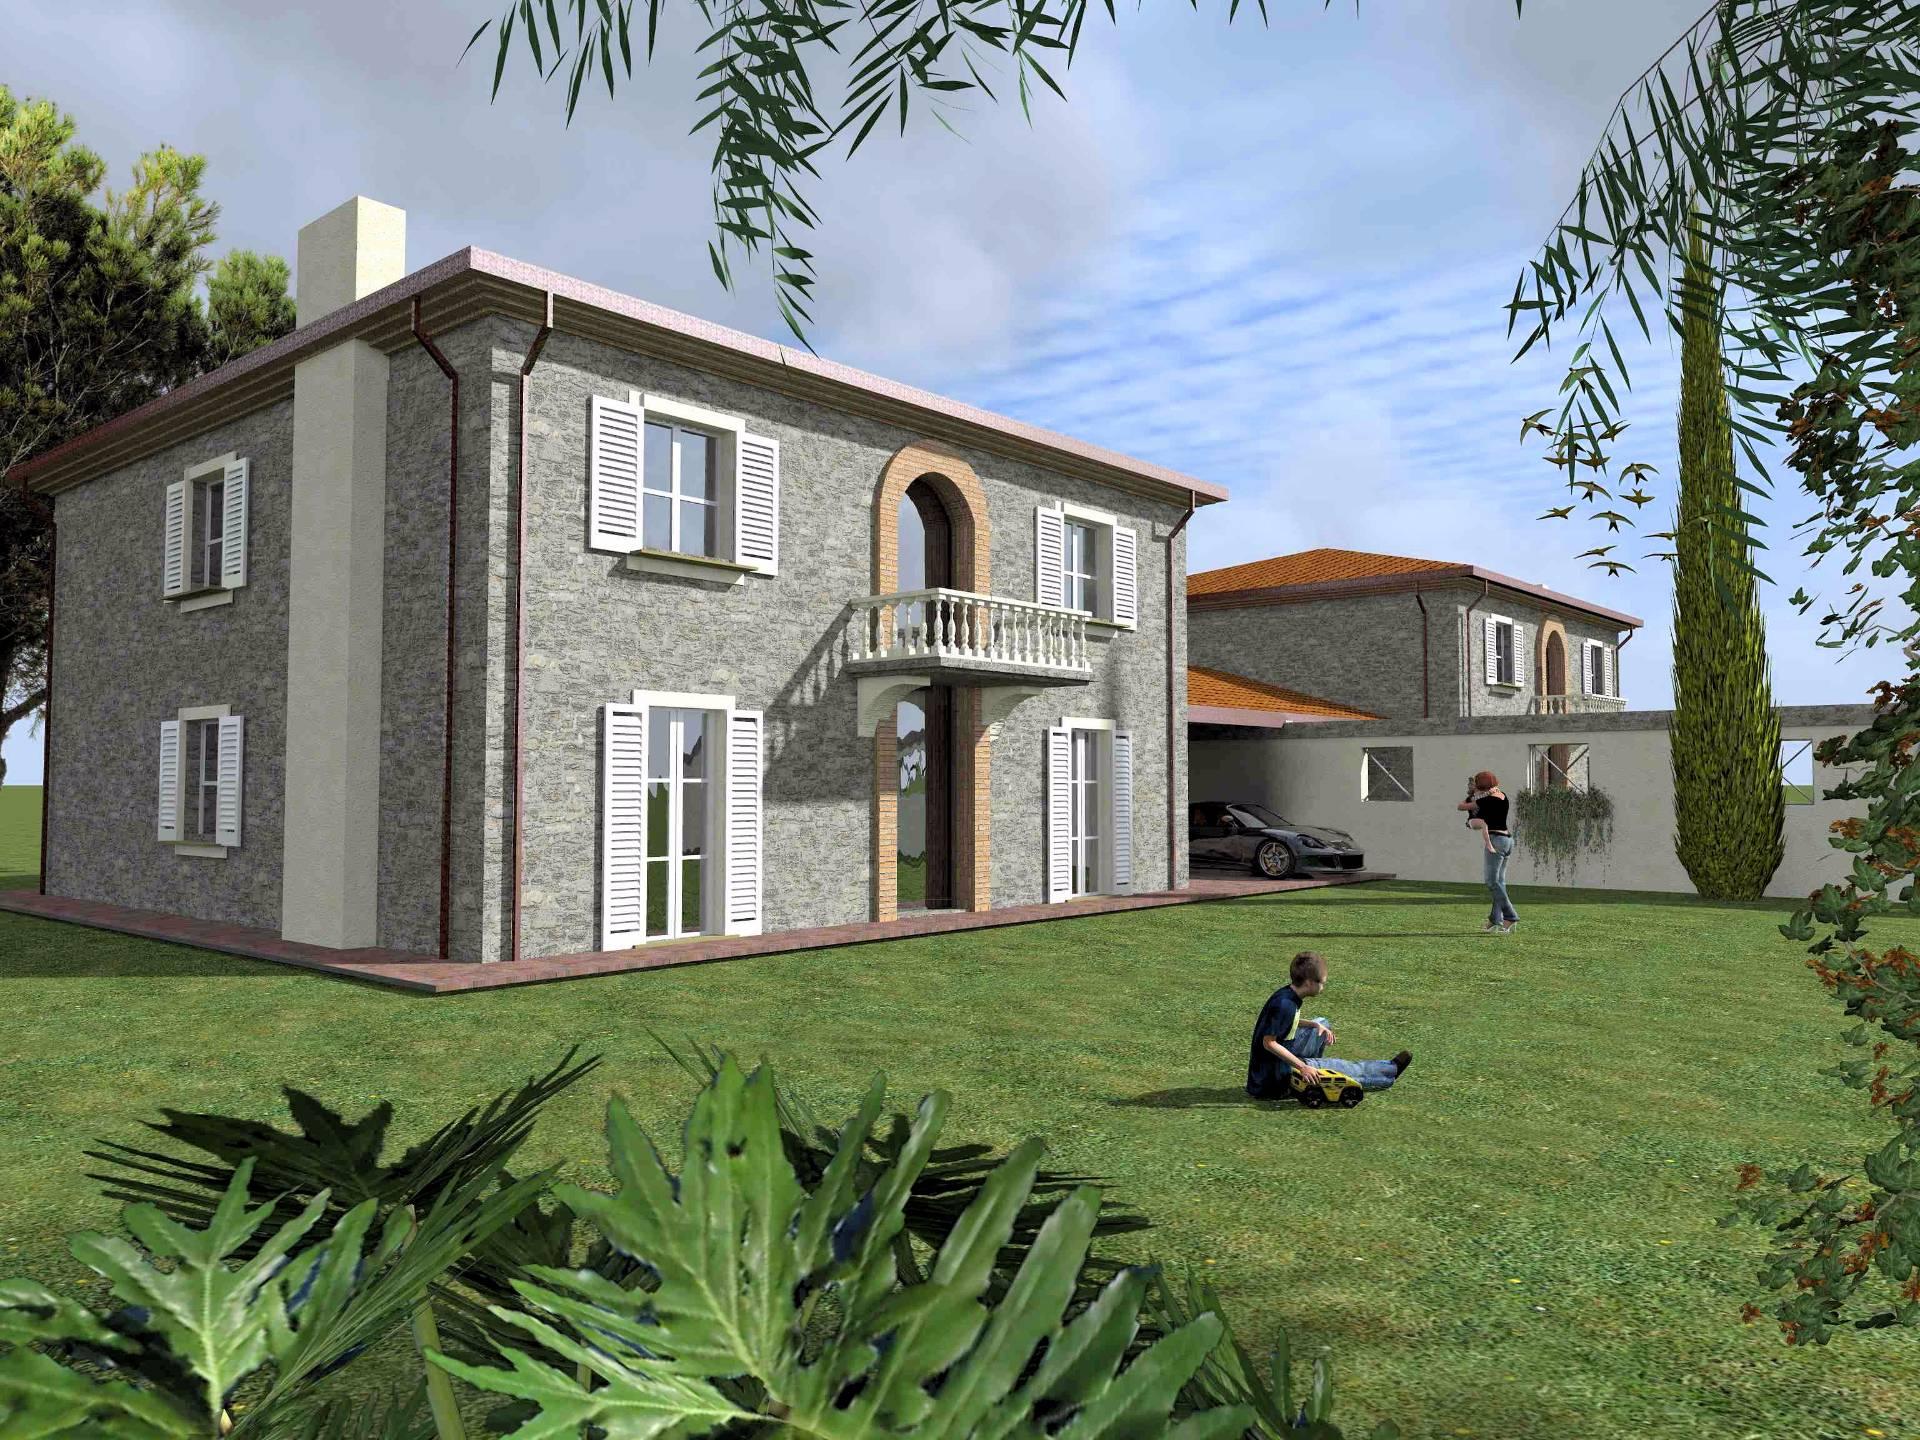 Rustico / Casale in vendita a Altopascio, 10 locali, zona Zona: Spianate, Trattative riservate   Cambio Casa.it